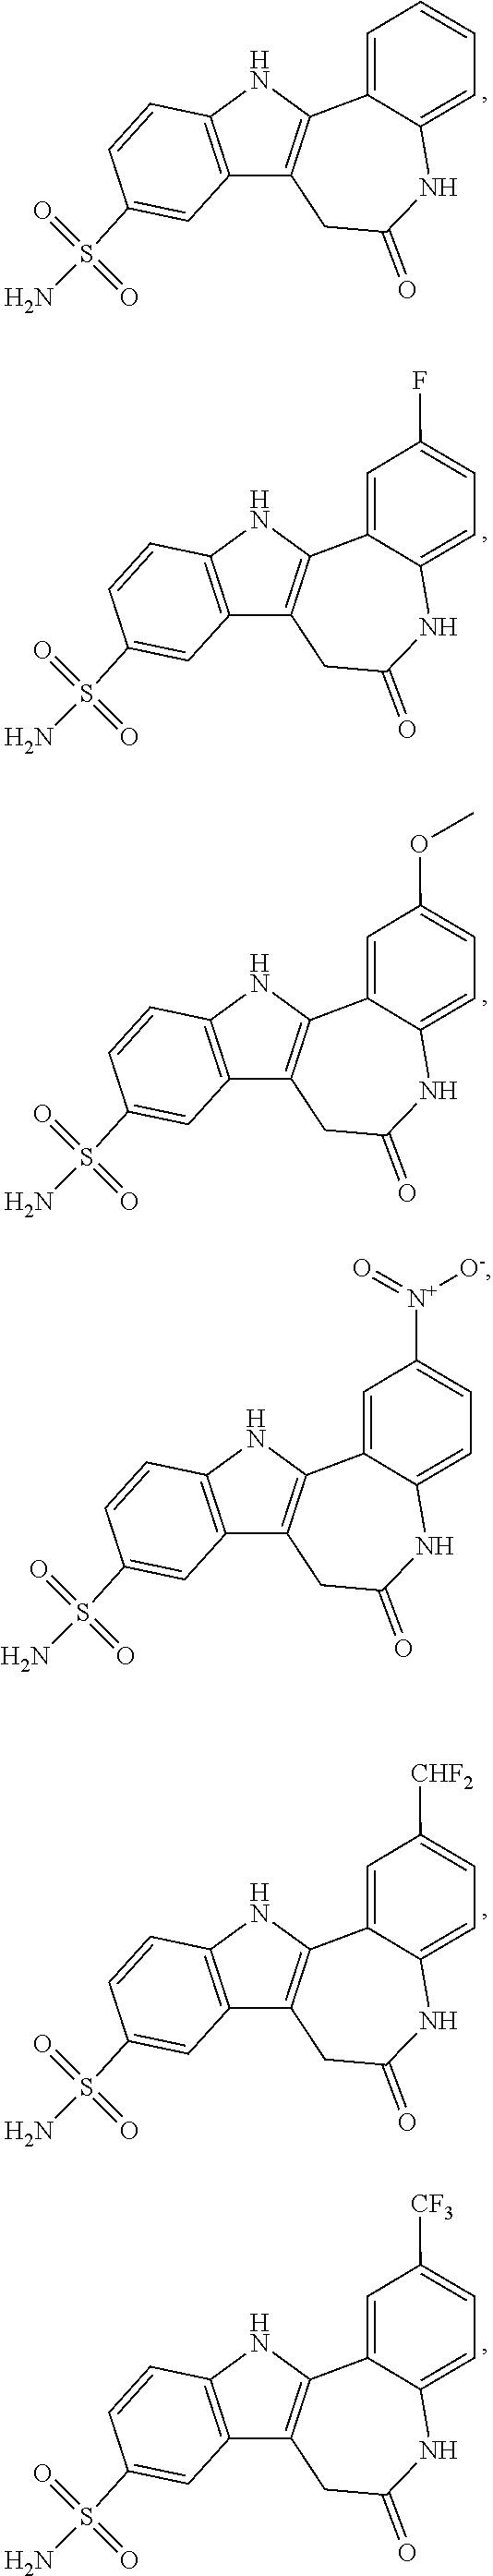 Figure US09572815-20170221-C00019